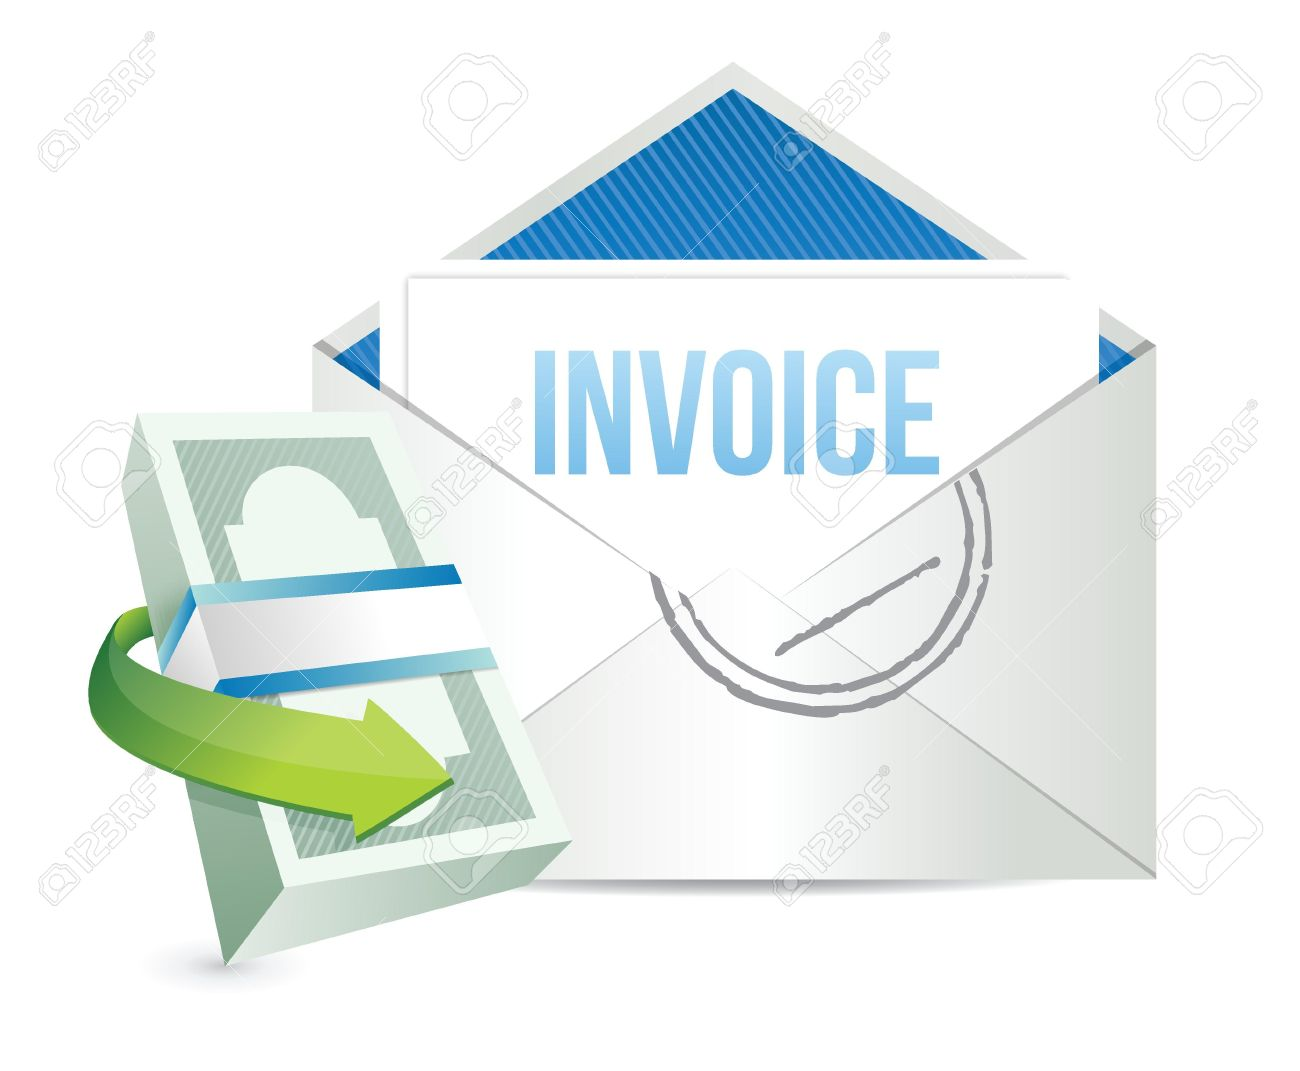 Generate Invoice Clip Art.